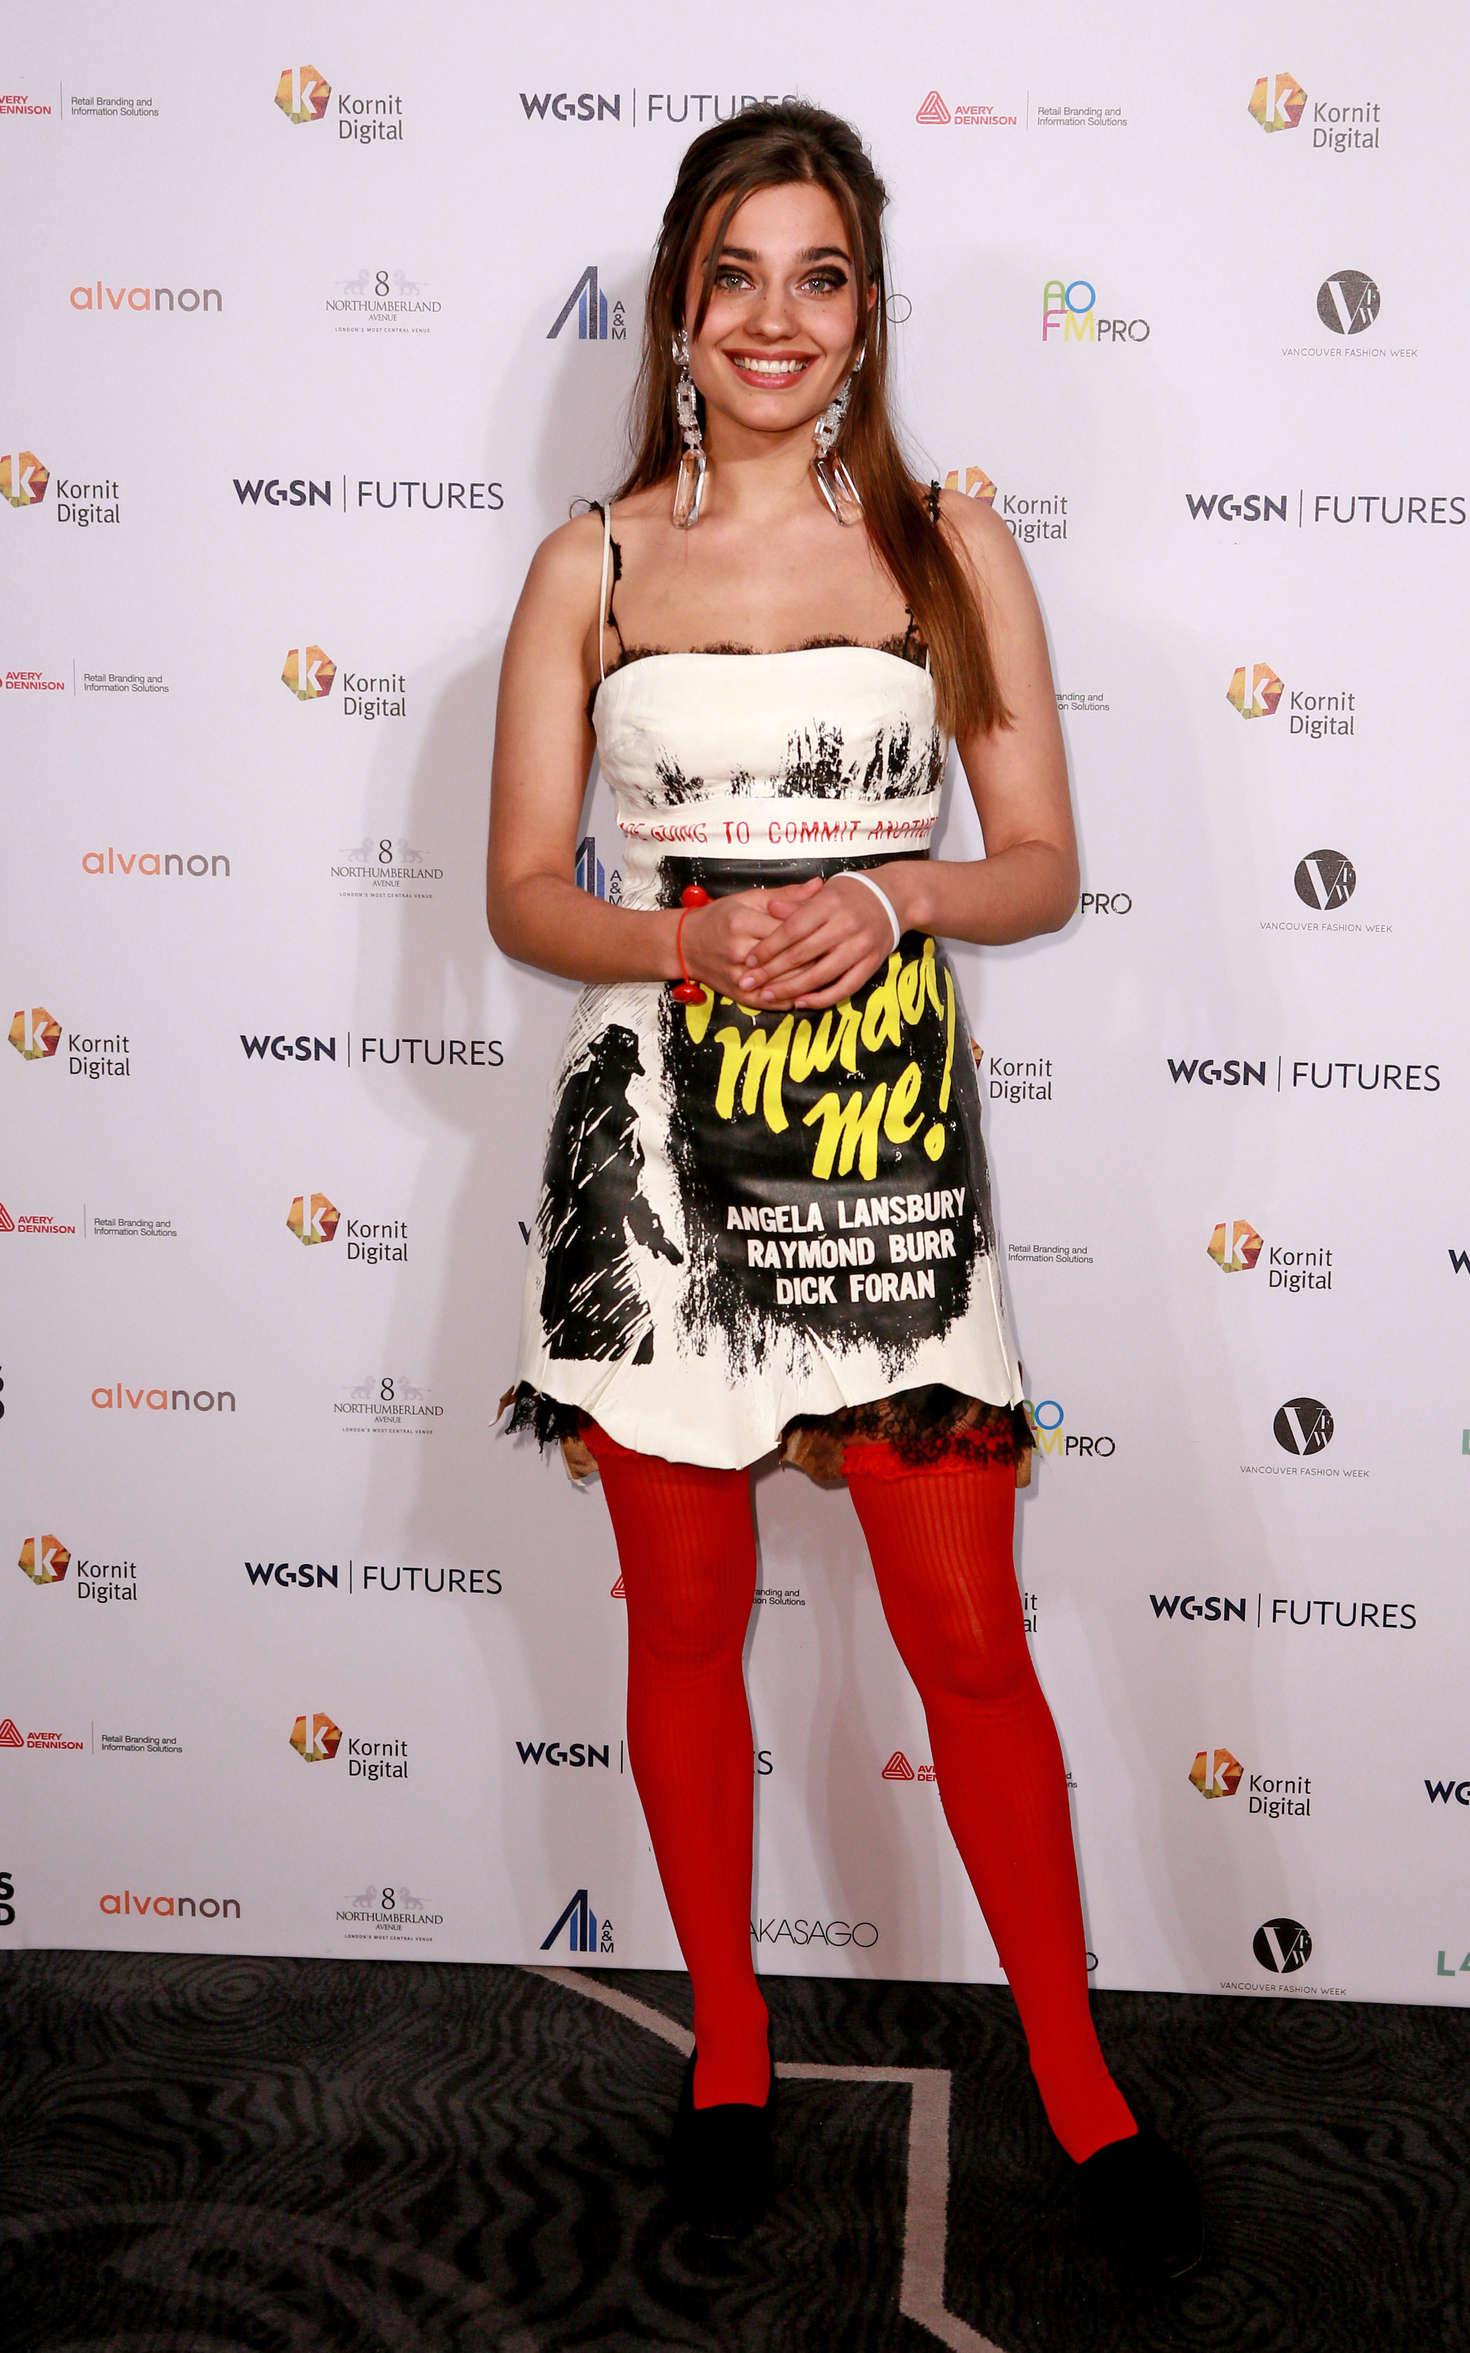 Mimi Wade - WGSN Futures Awards 2016 in London